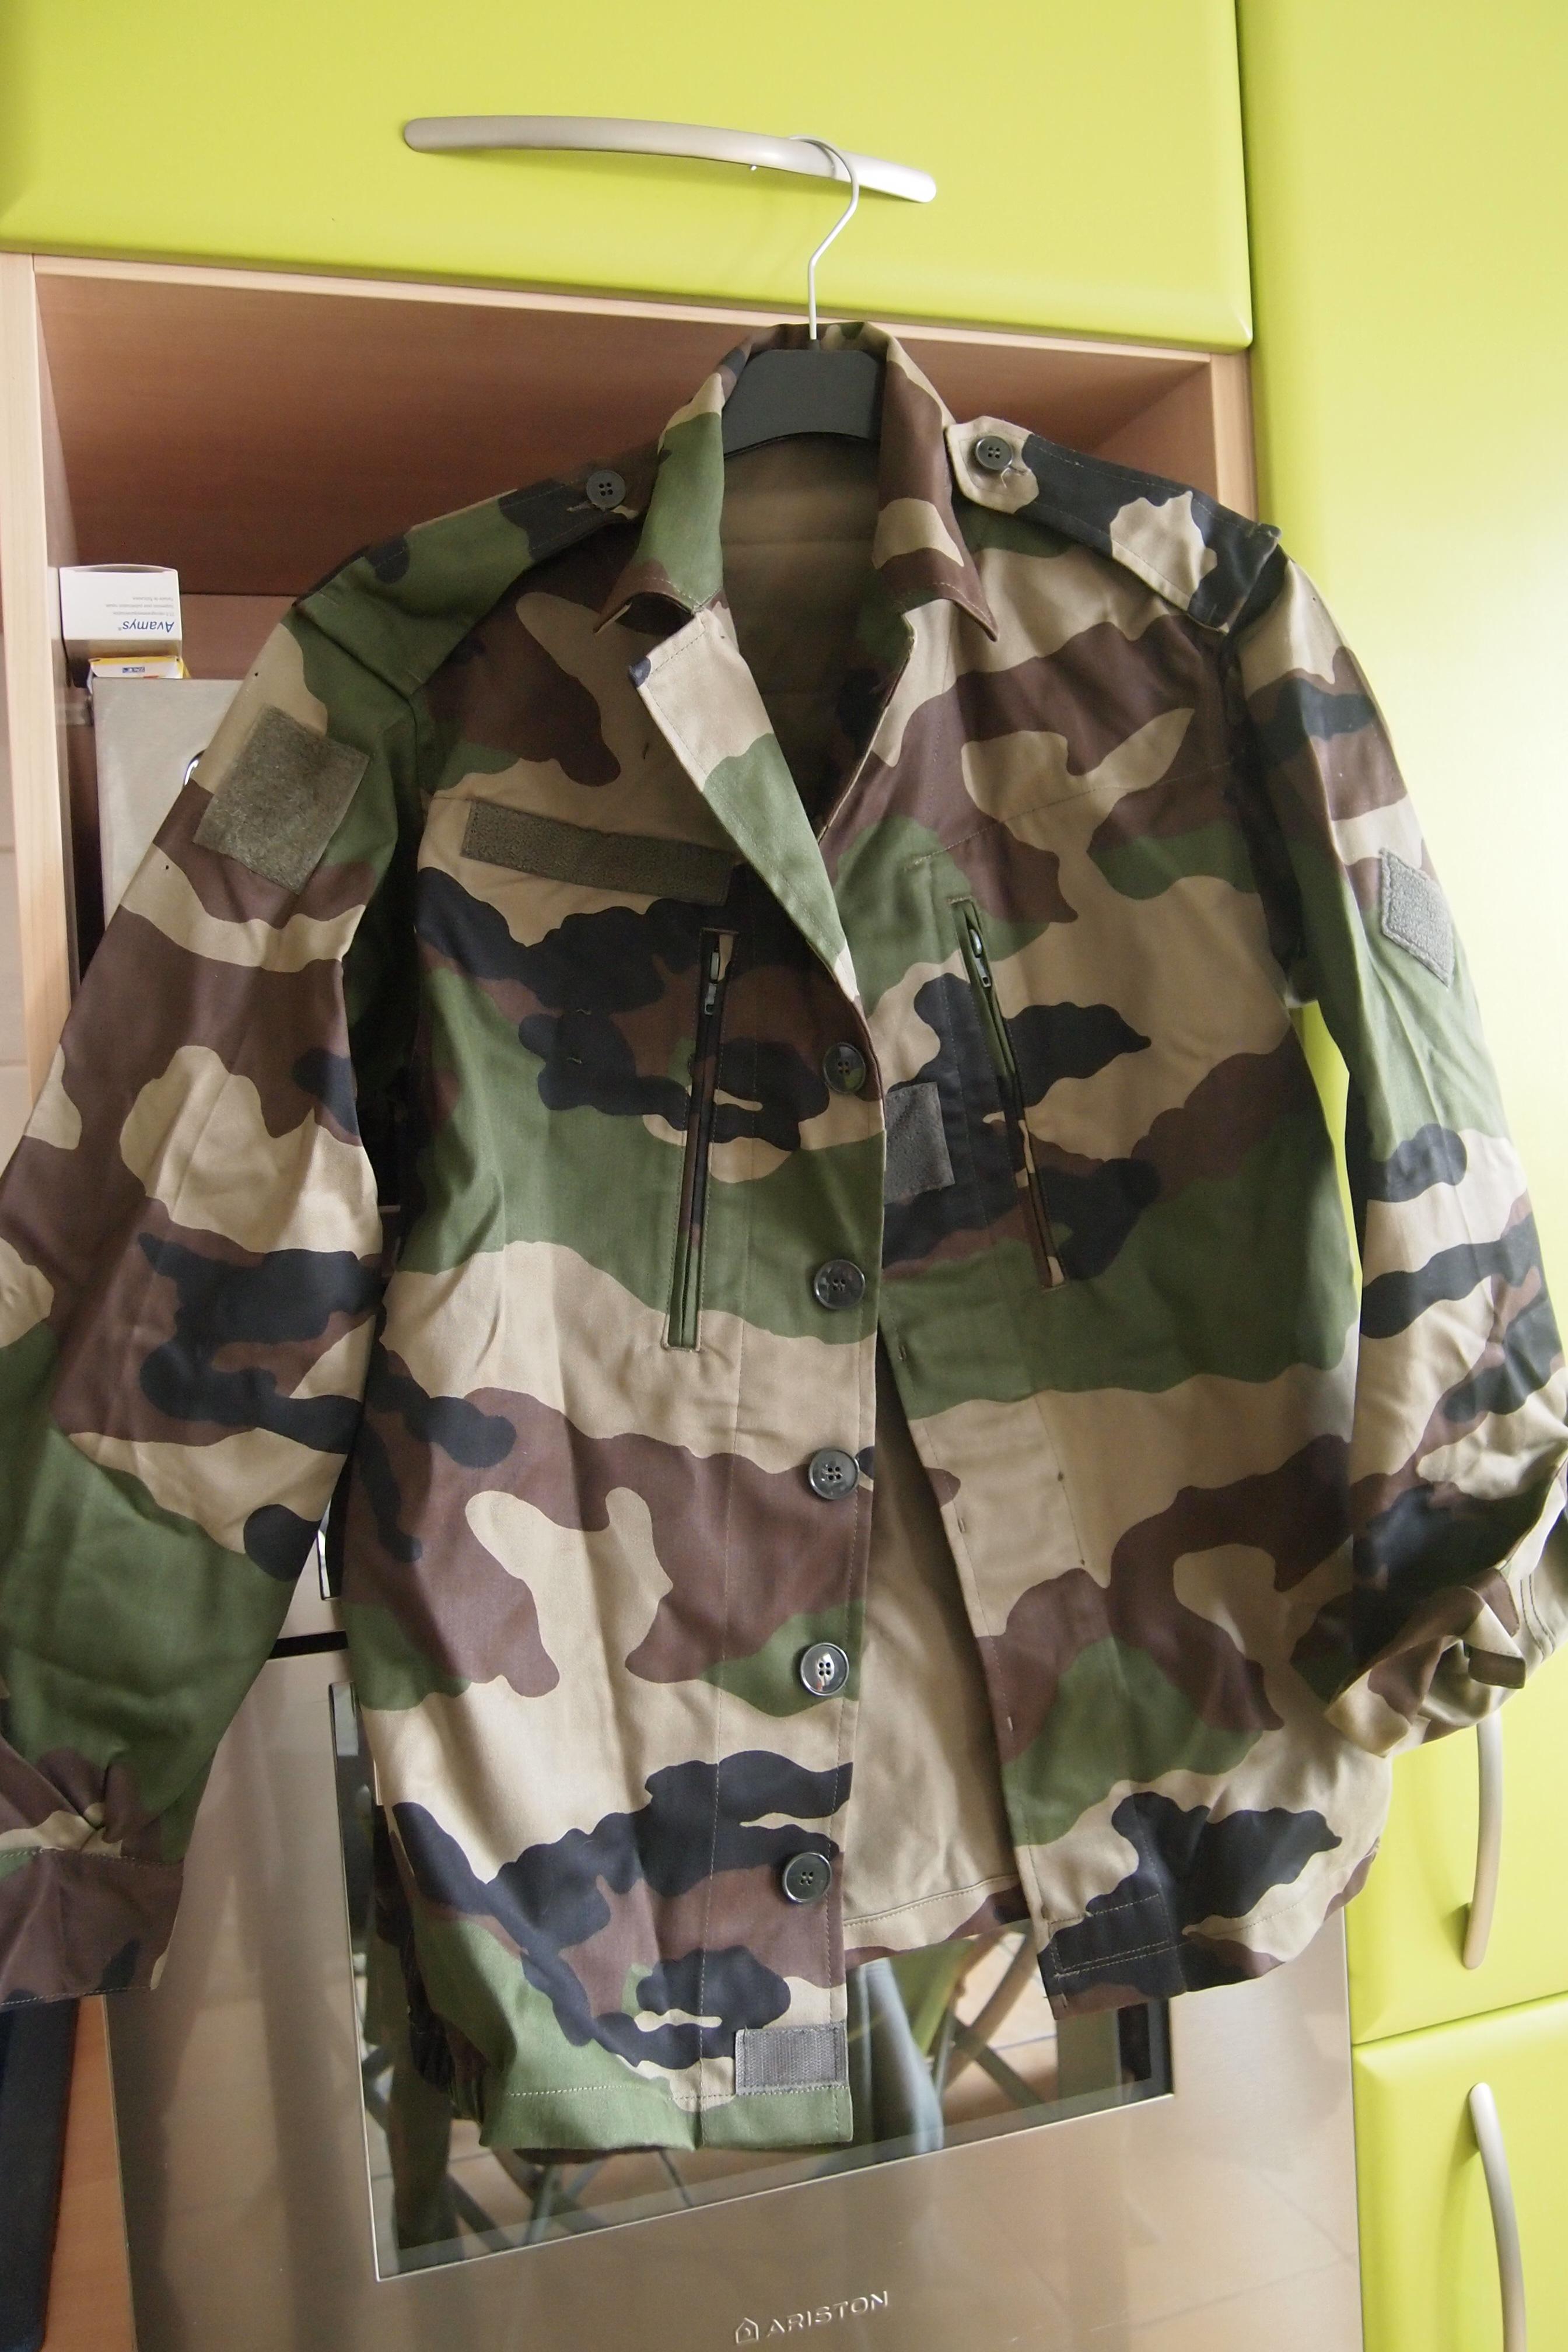 vêtements militaire L  : goretex, pantalon ... - Image 2